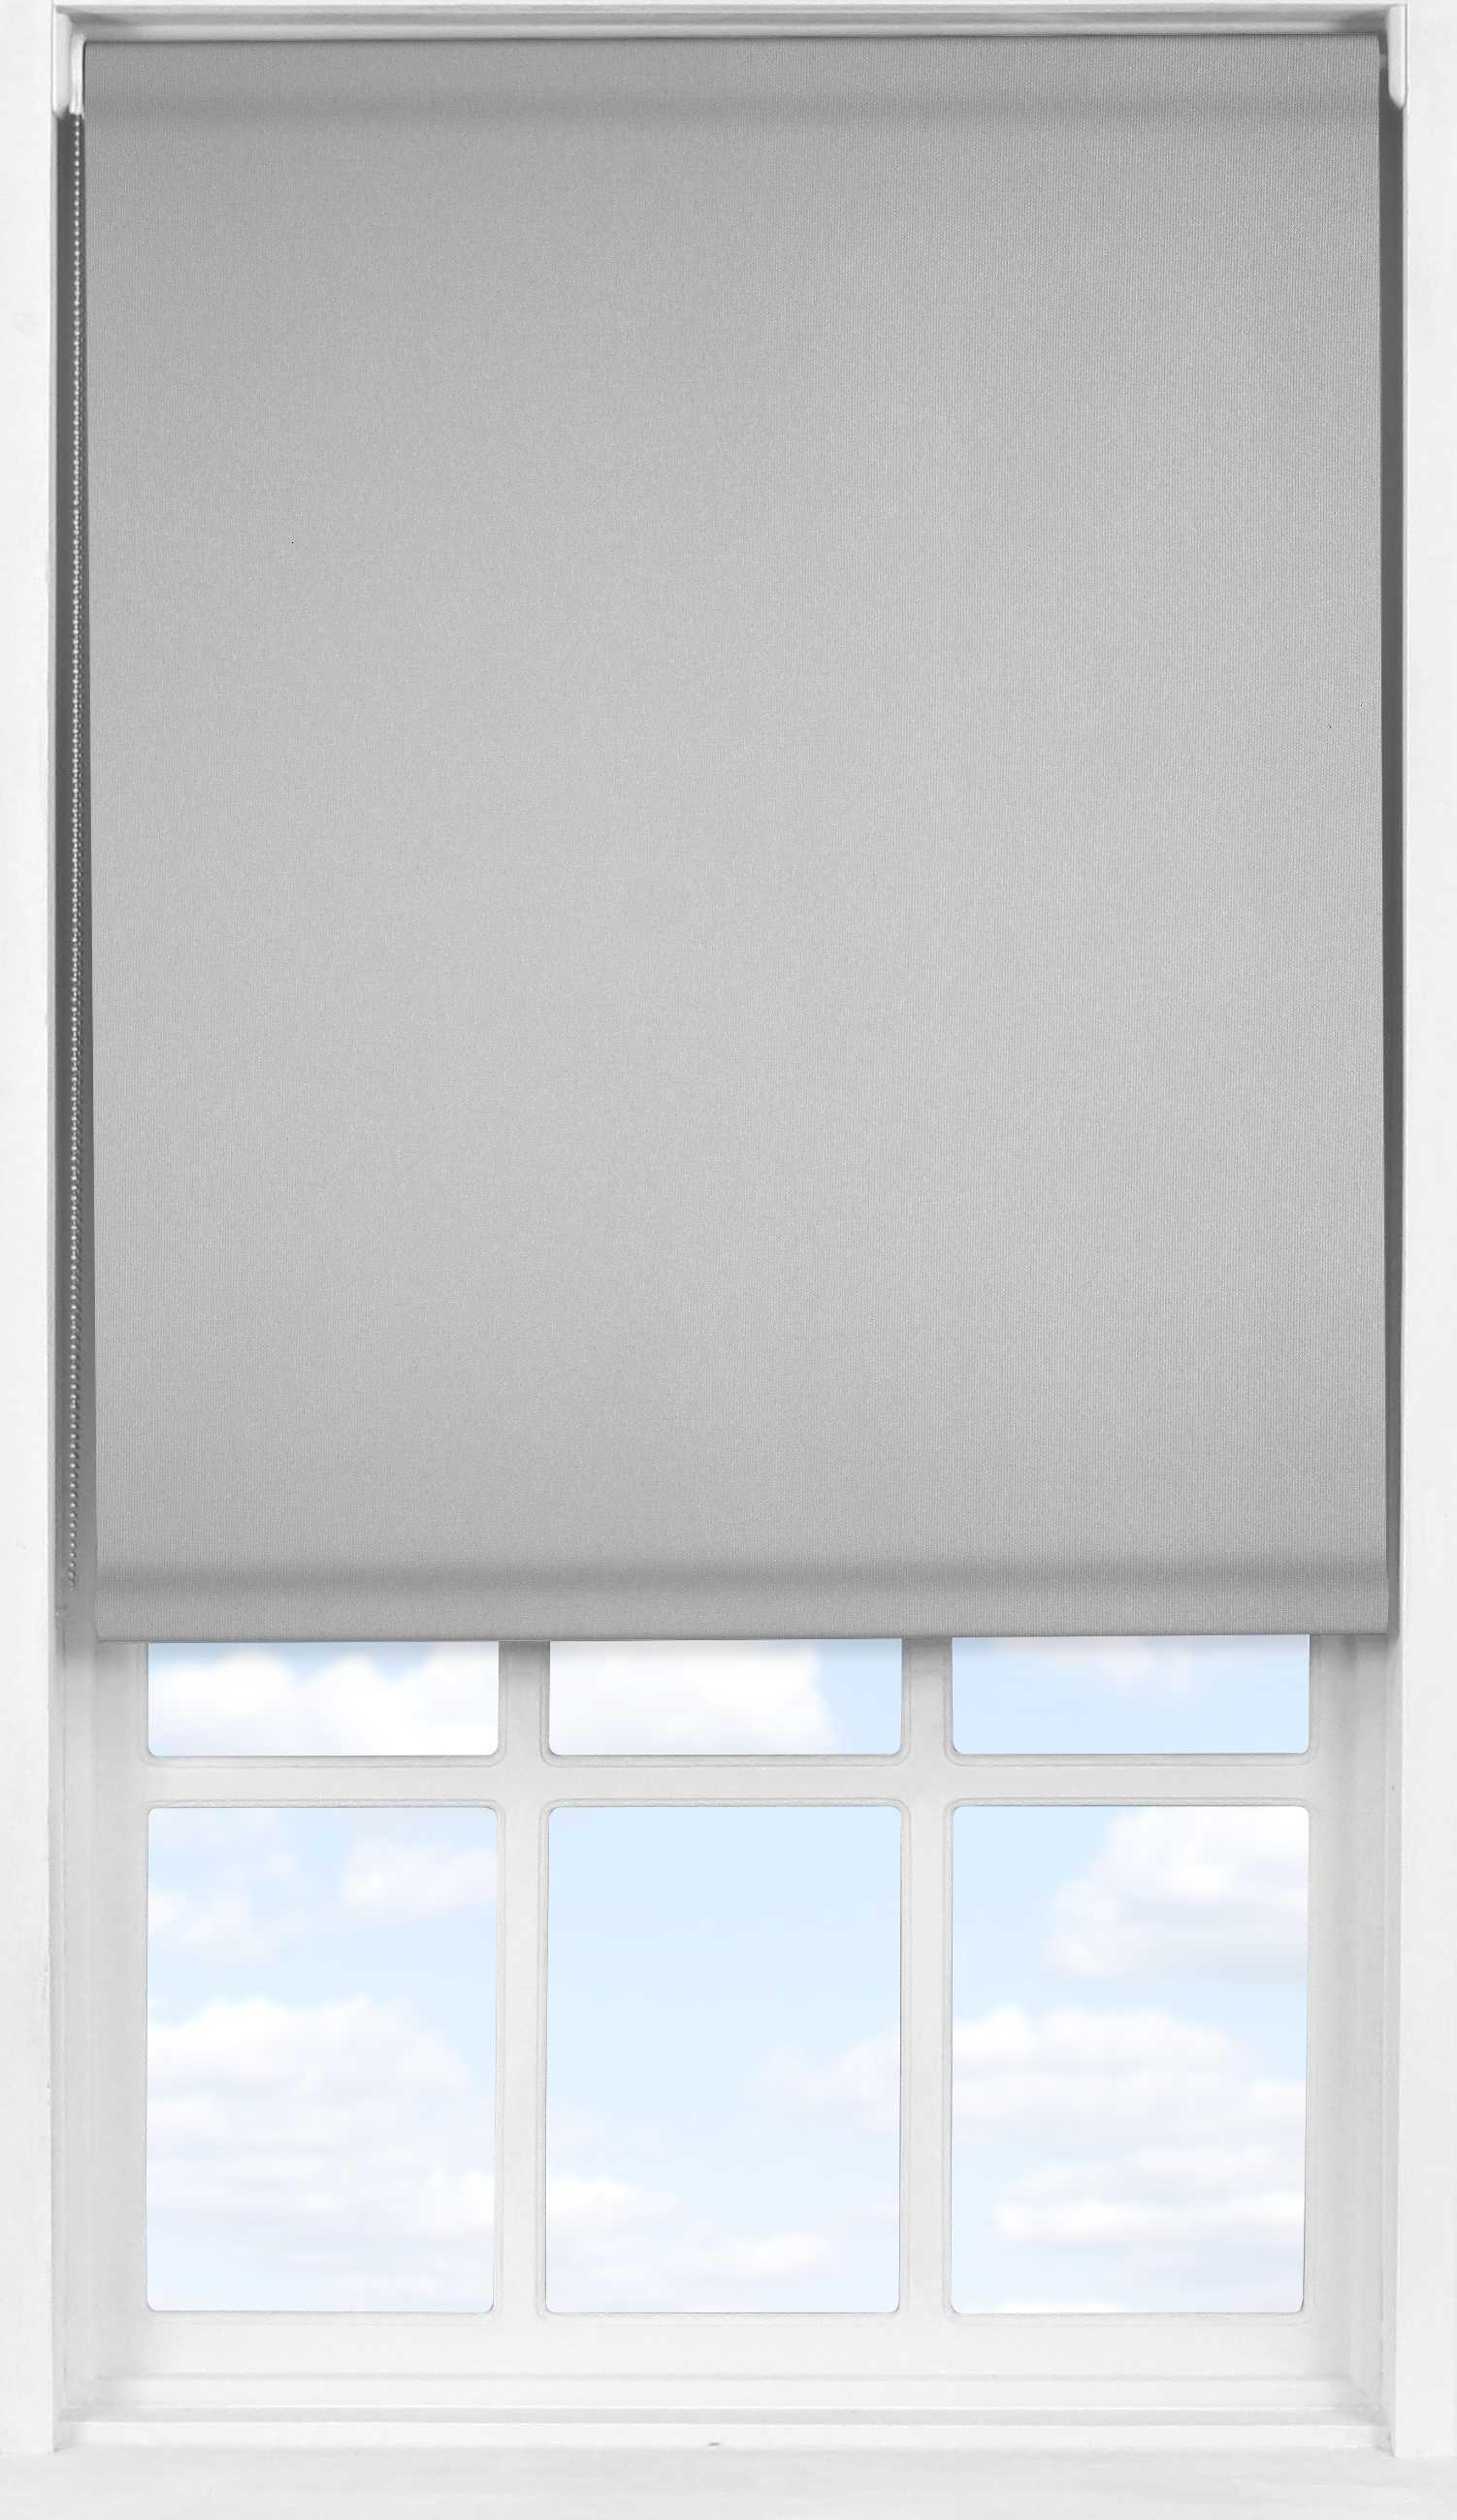 Easifit Roller Blind in PVC Soft Grey